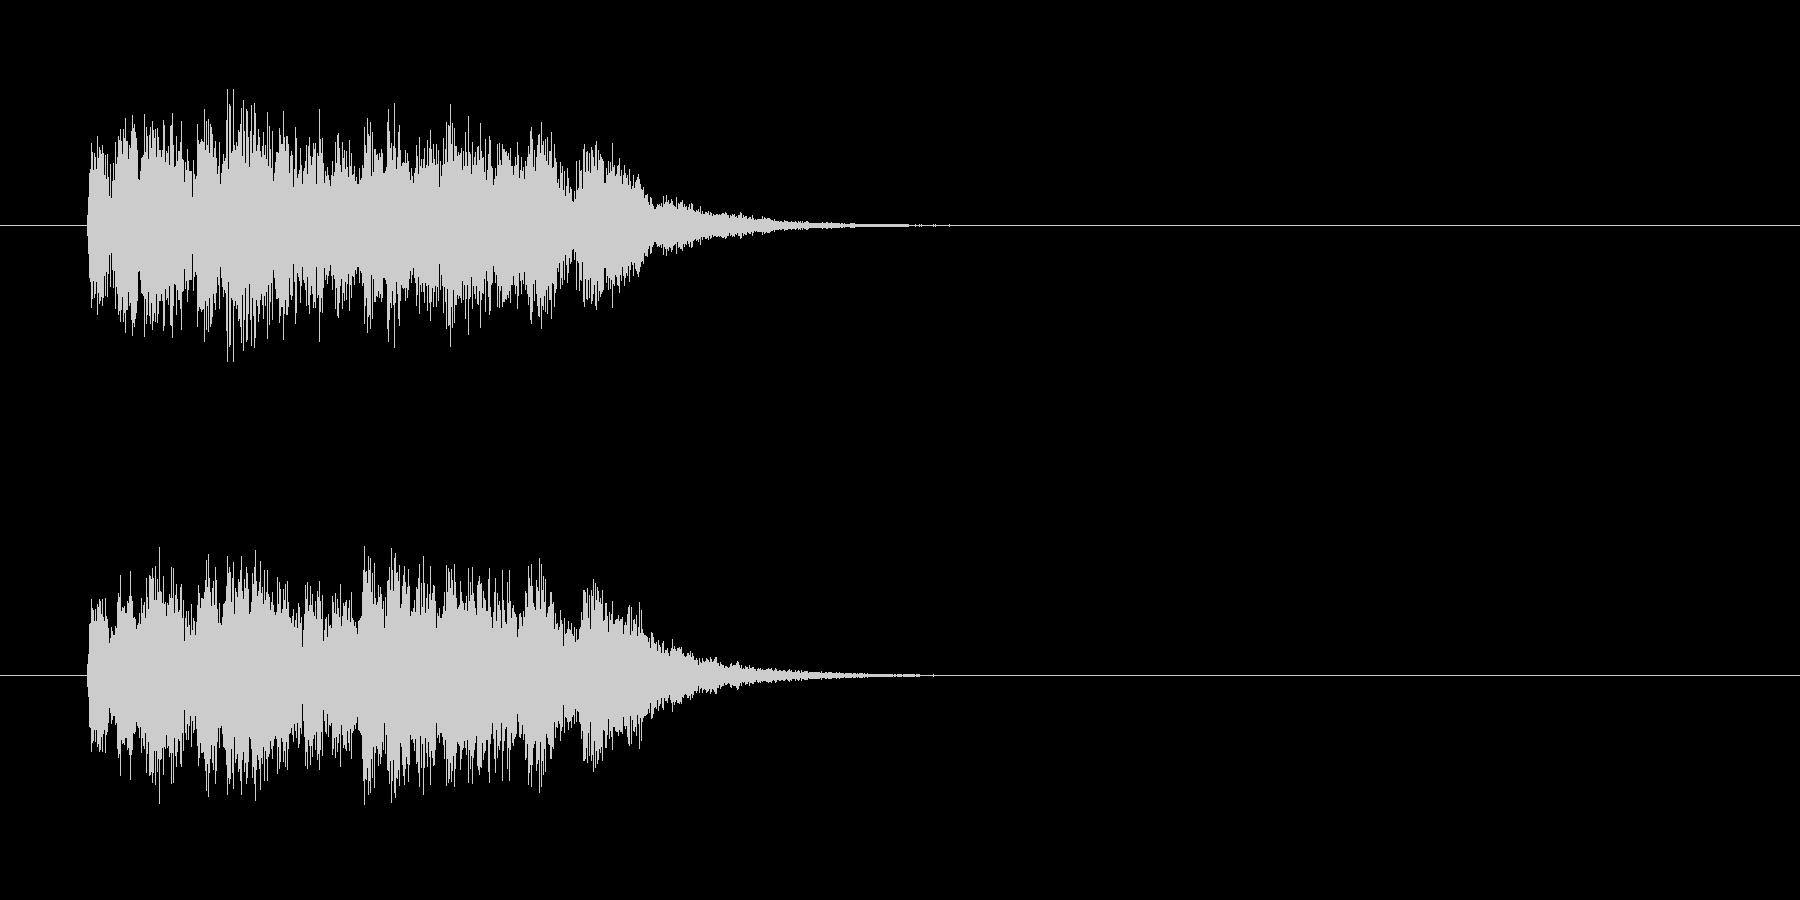 ジングル(不思議イメージ)の未再生の波形